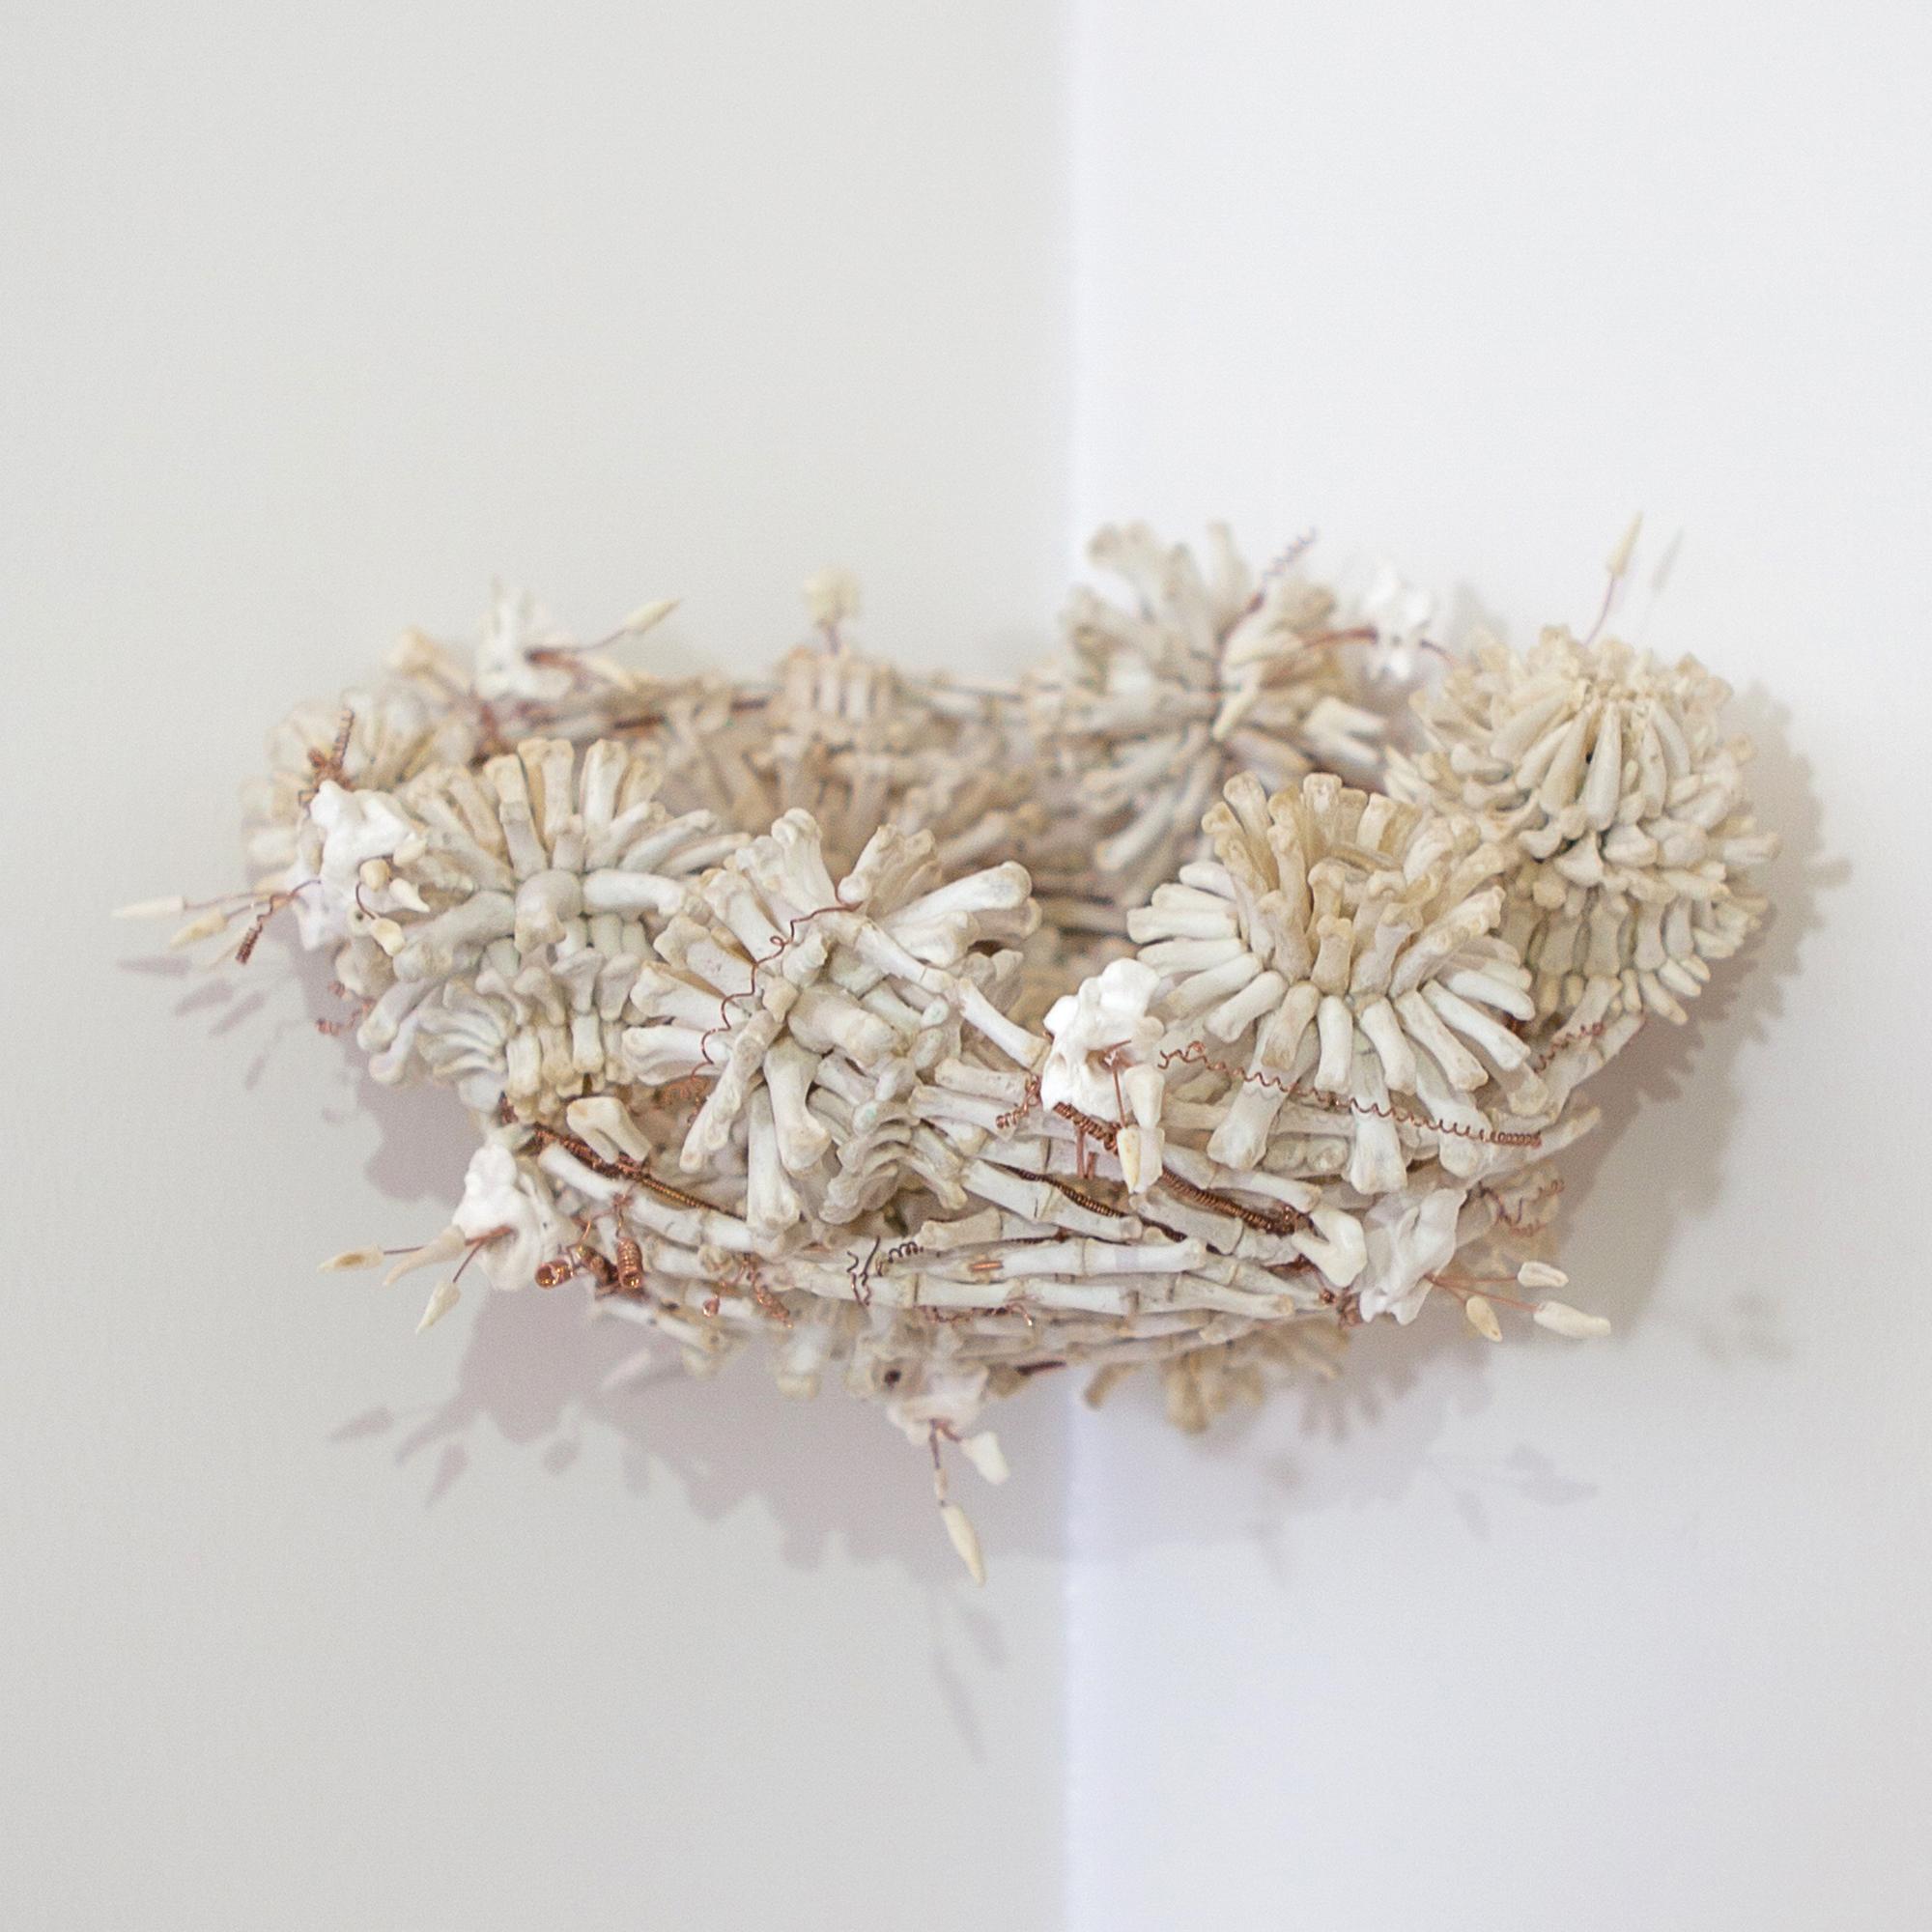 Aus Knochen gebaut: Nestvon Emma Witter, Galerie Fumi. Foto: Galerie Fumi